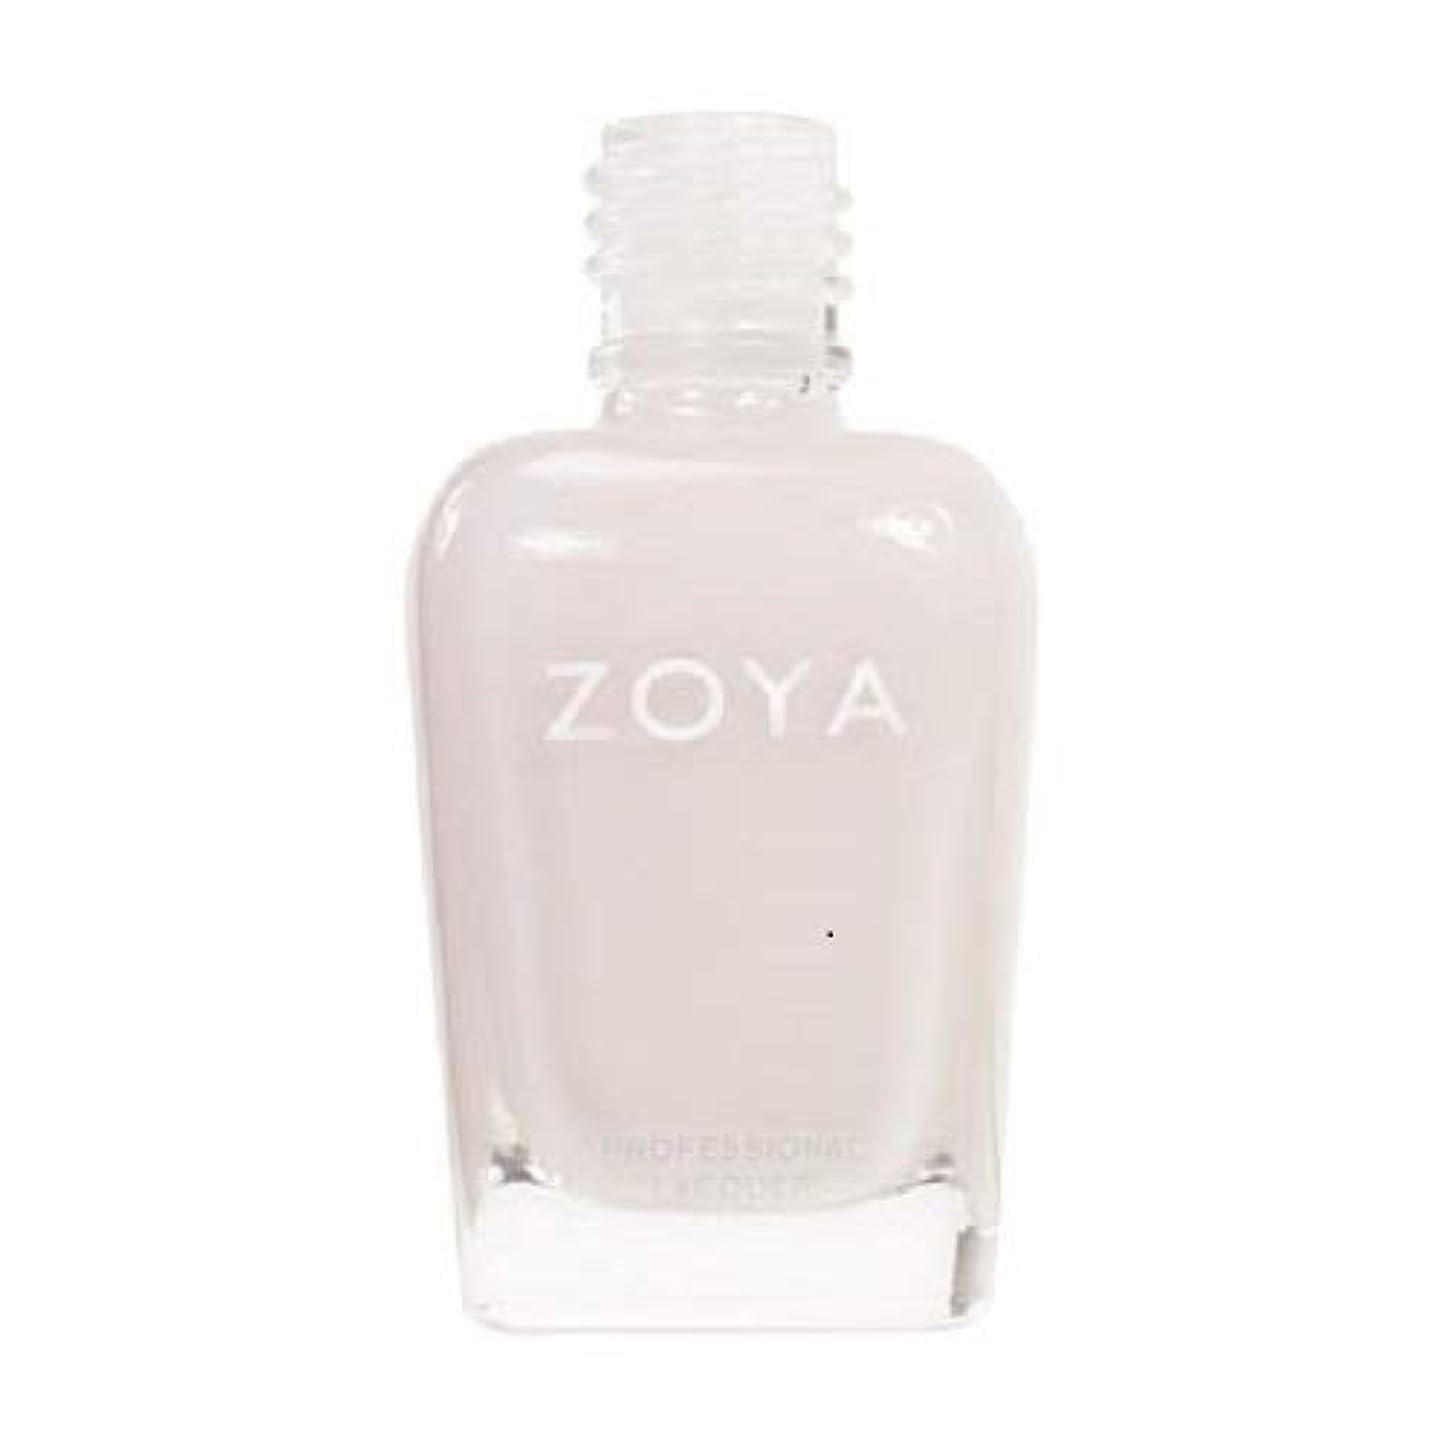 不可能な定常征服ZOYA ネイルカラーZP235 SABRINA サブリナ 15ml ほのかに色づくピンクをまとったホワイト シアー/クリーム 爪にやさしいネイルラッカーマニキュア